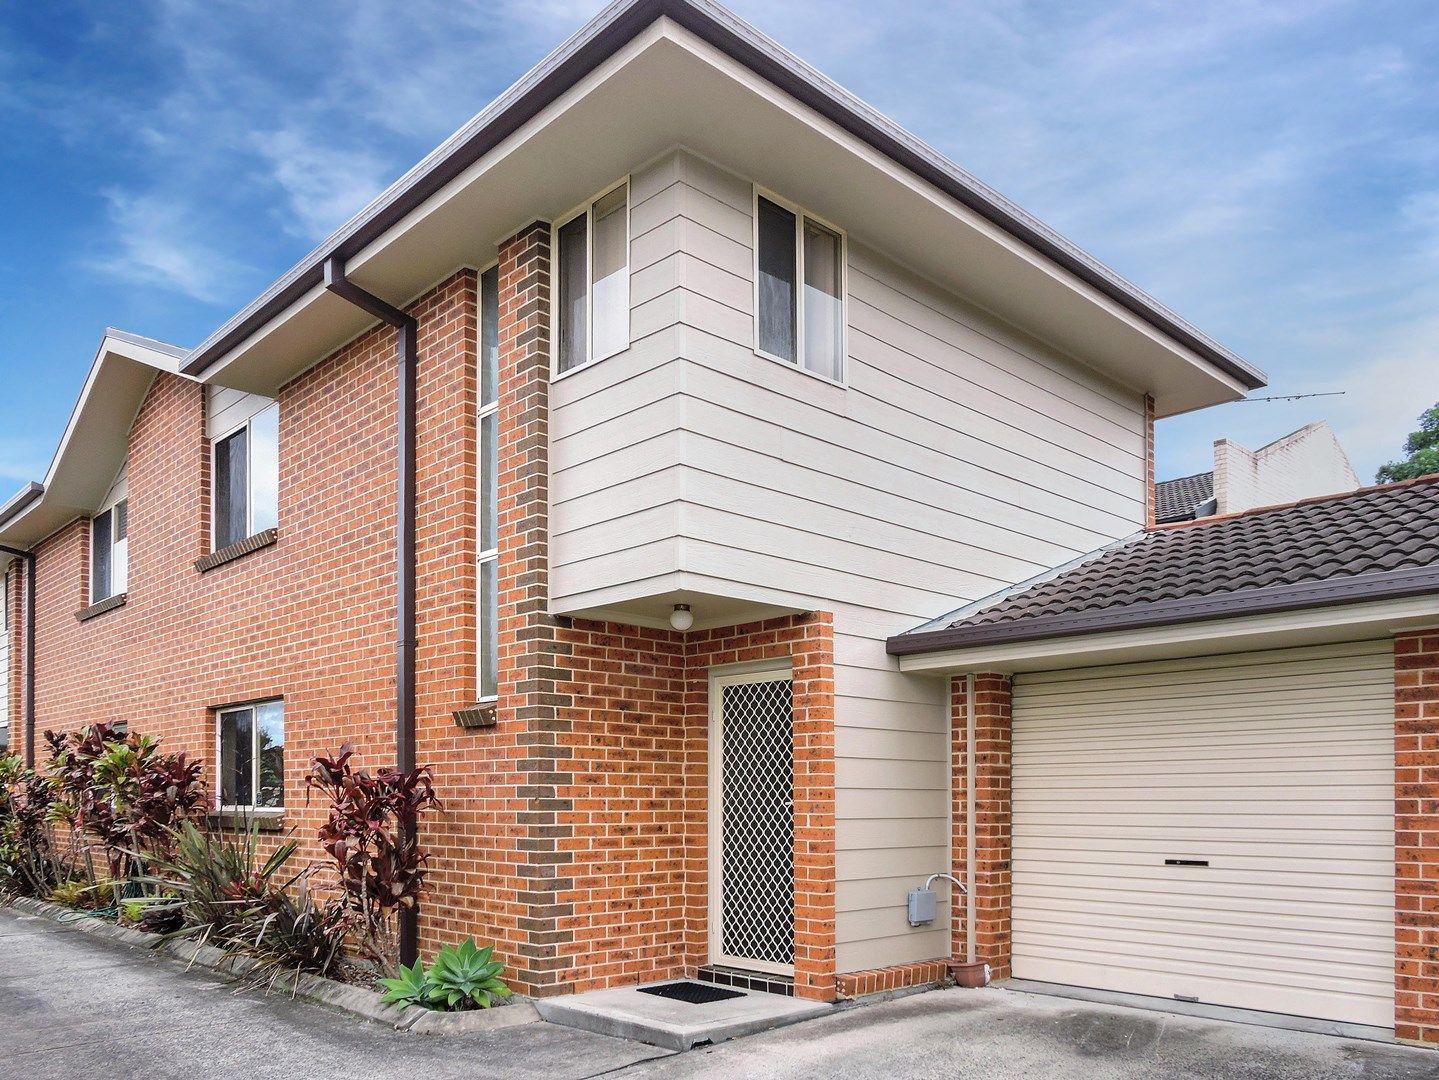 2/44 Wattle Street, East Gosford NSW 2250, Image 0